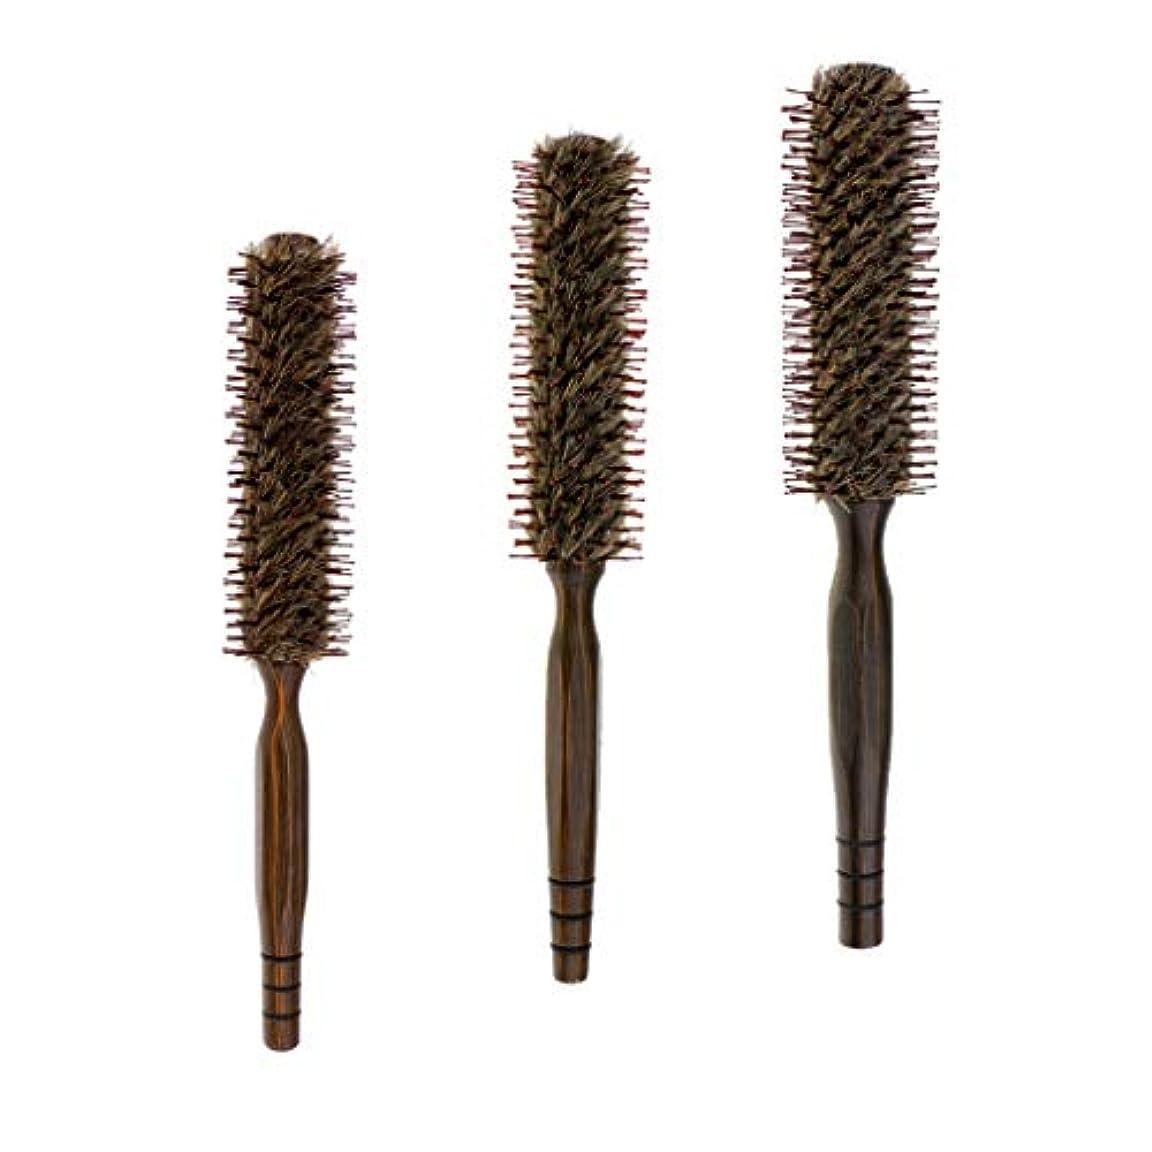 肌恋人雄弁な3本 ヘアブラシ 木製櫛 ロールブラシ プロ 美容師 ヘアサロン 自宅用